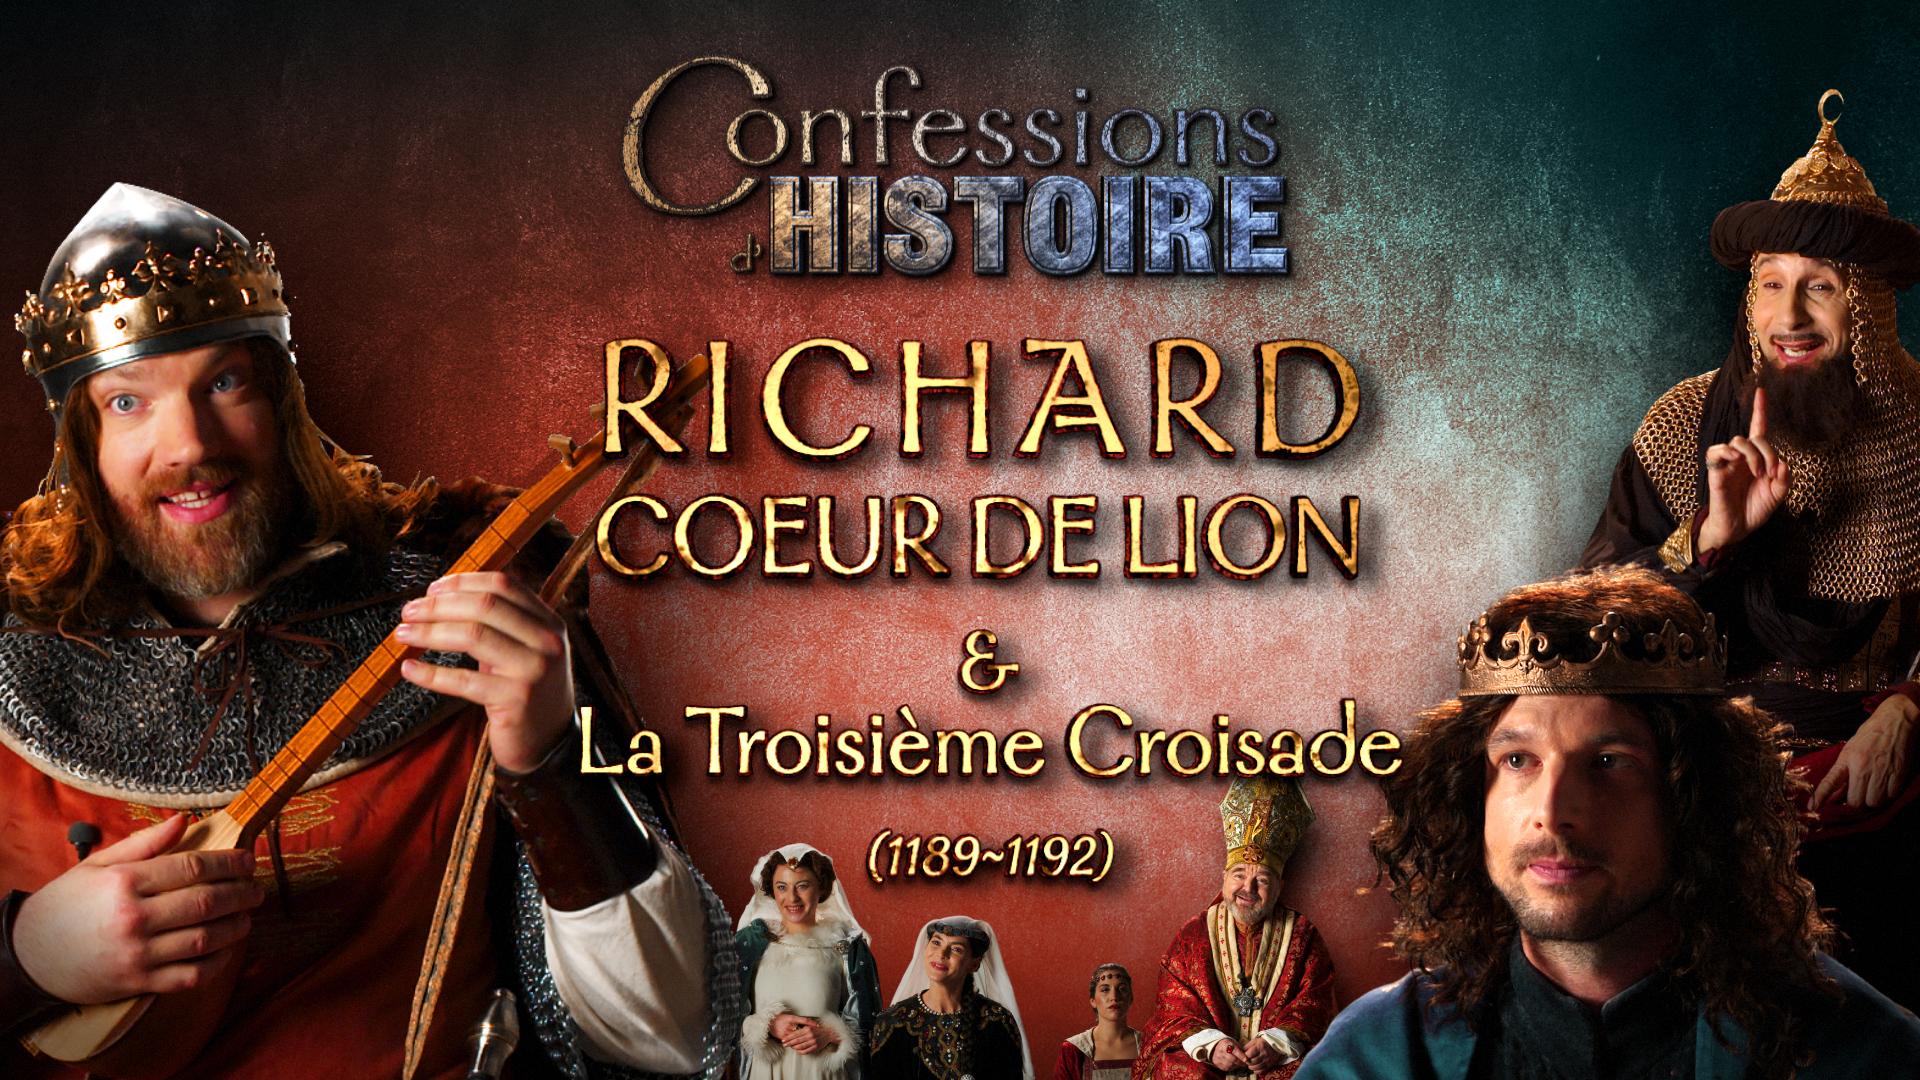 épisode Richard Coeur de Lion de Confessions d'Histoire